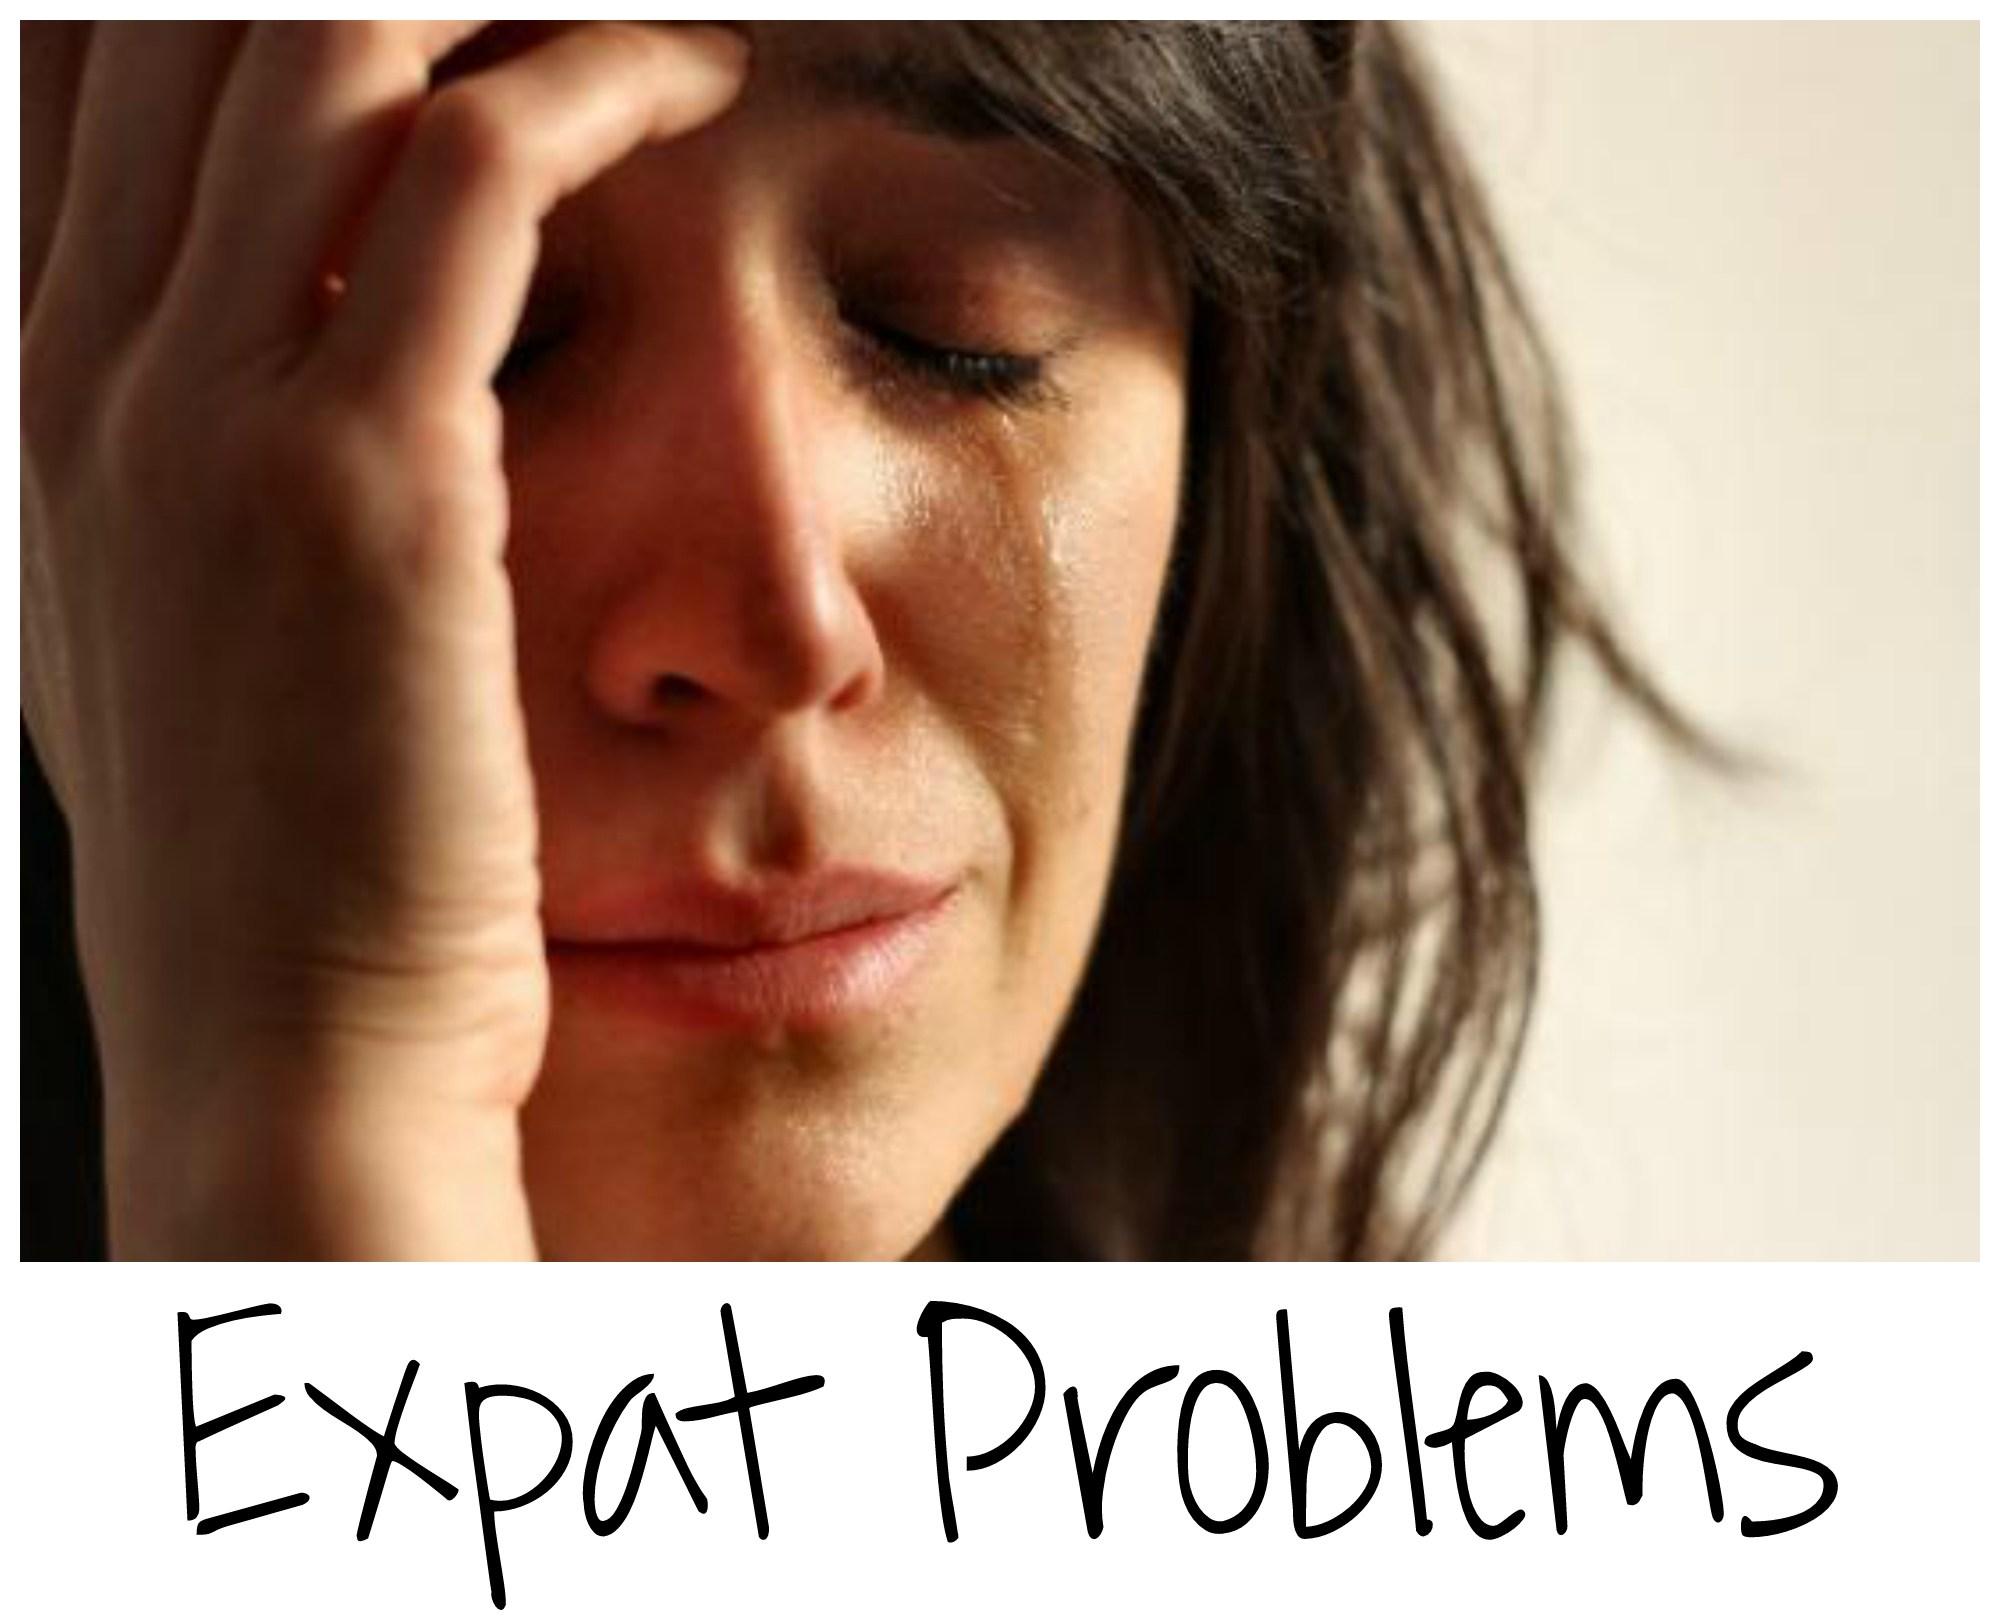 Expat-Problems